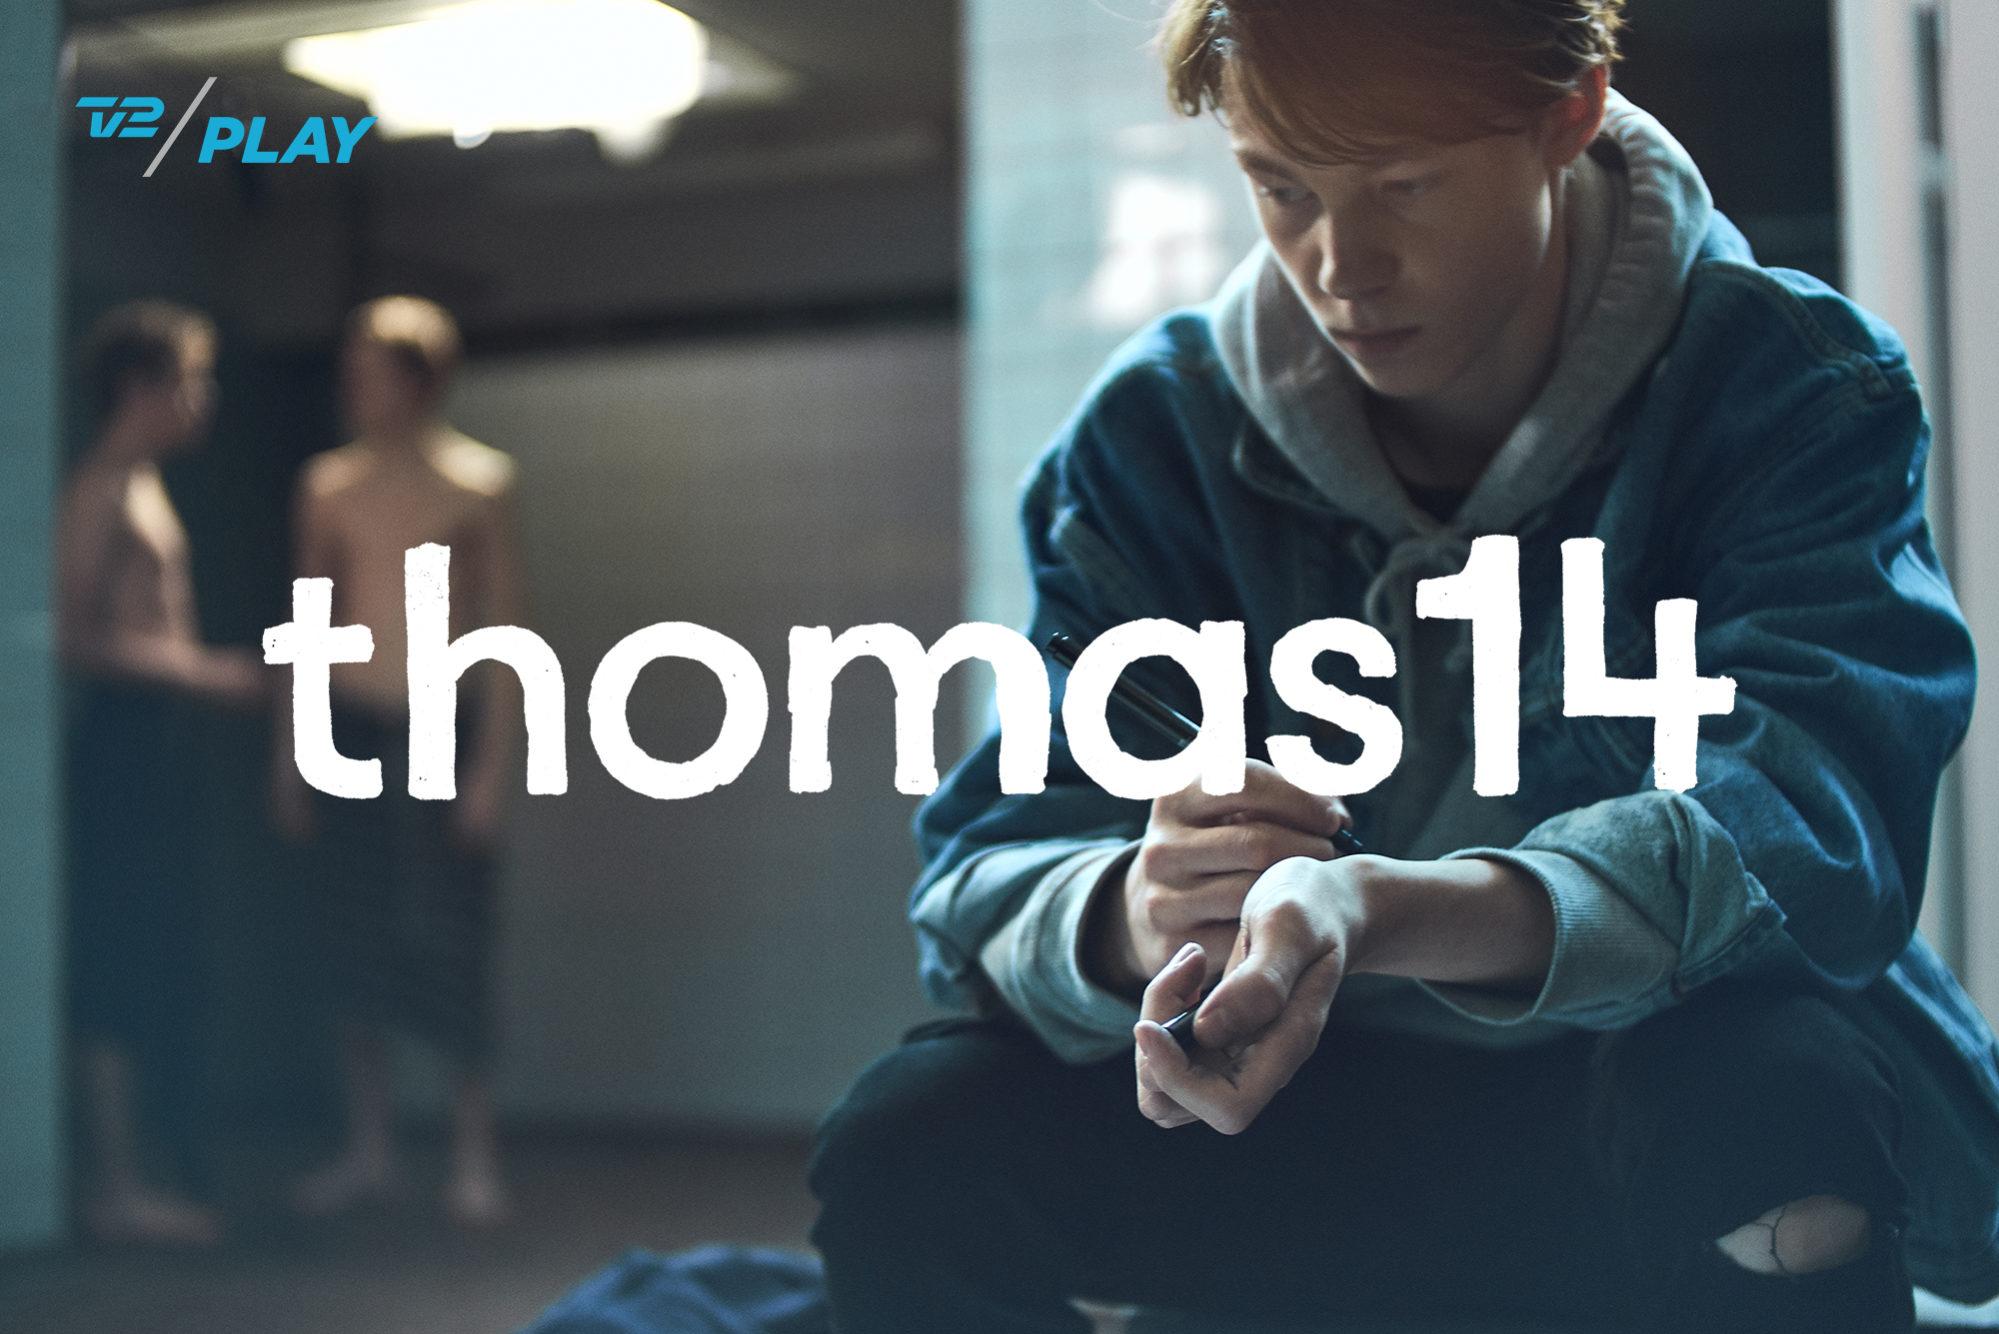 Thomas14_DSF3611_Logo_Yannick Wolff